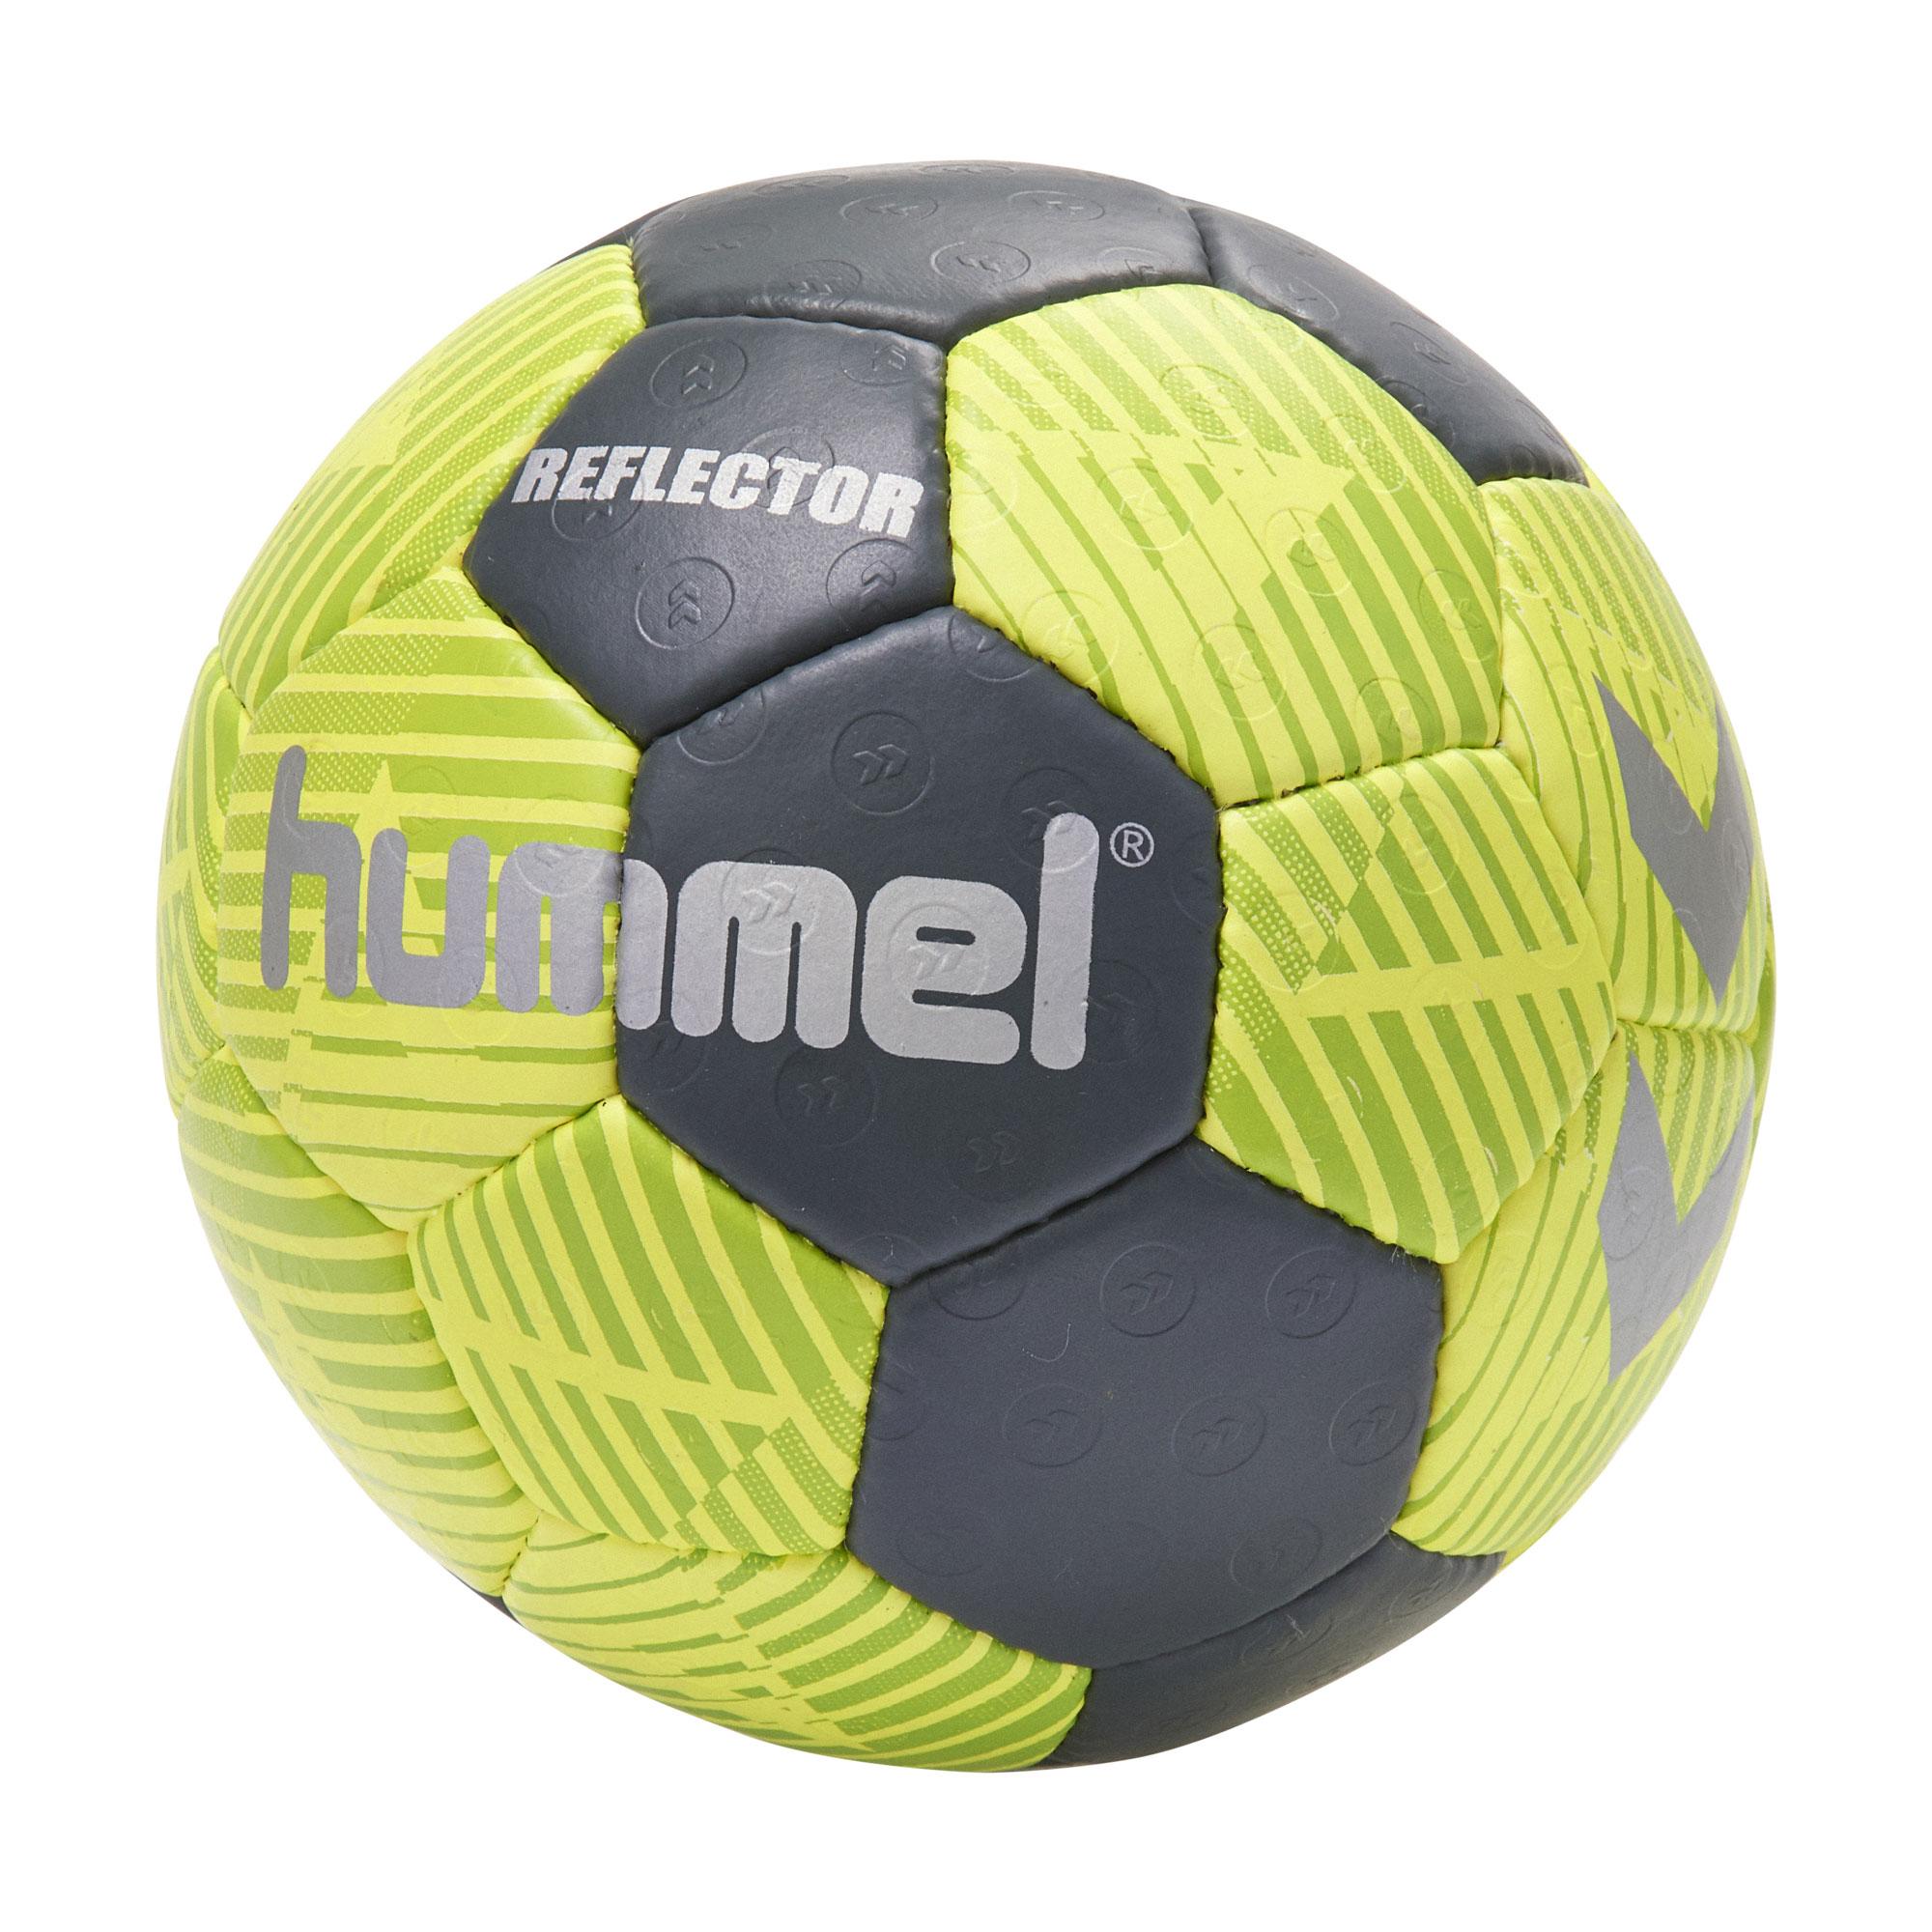 Hummel Handball Reflector HB 91842-6000 3